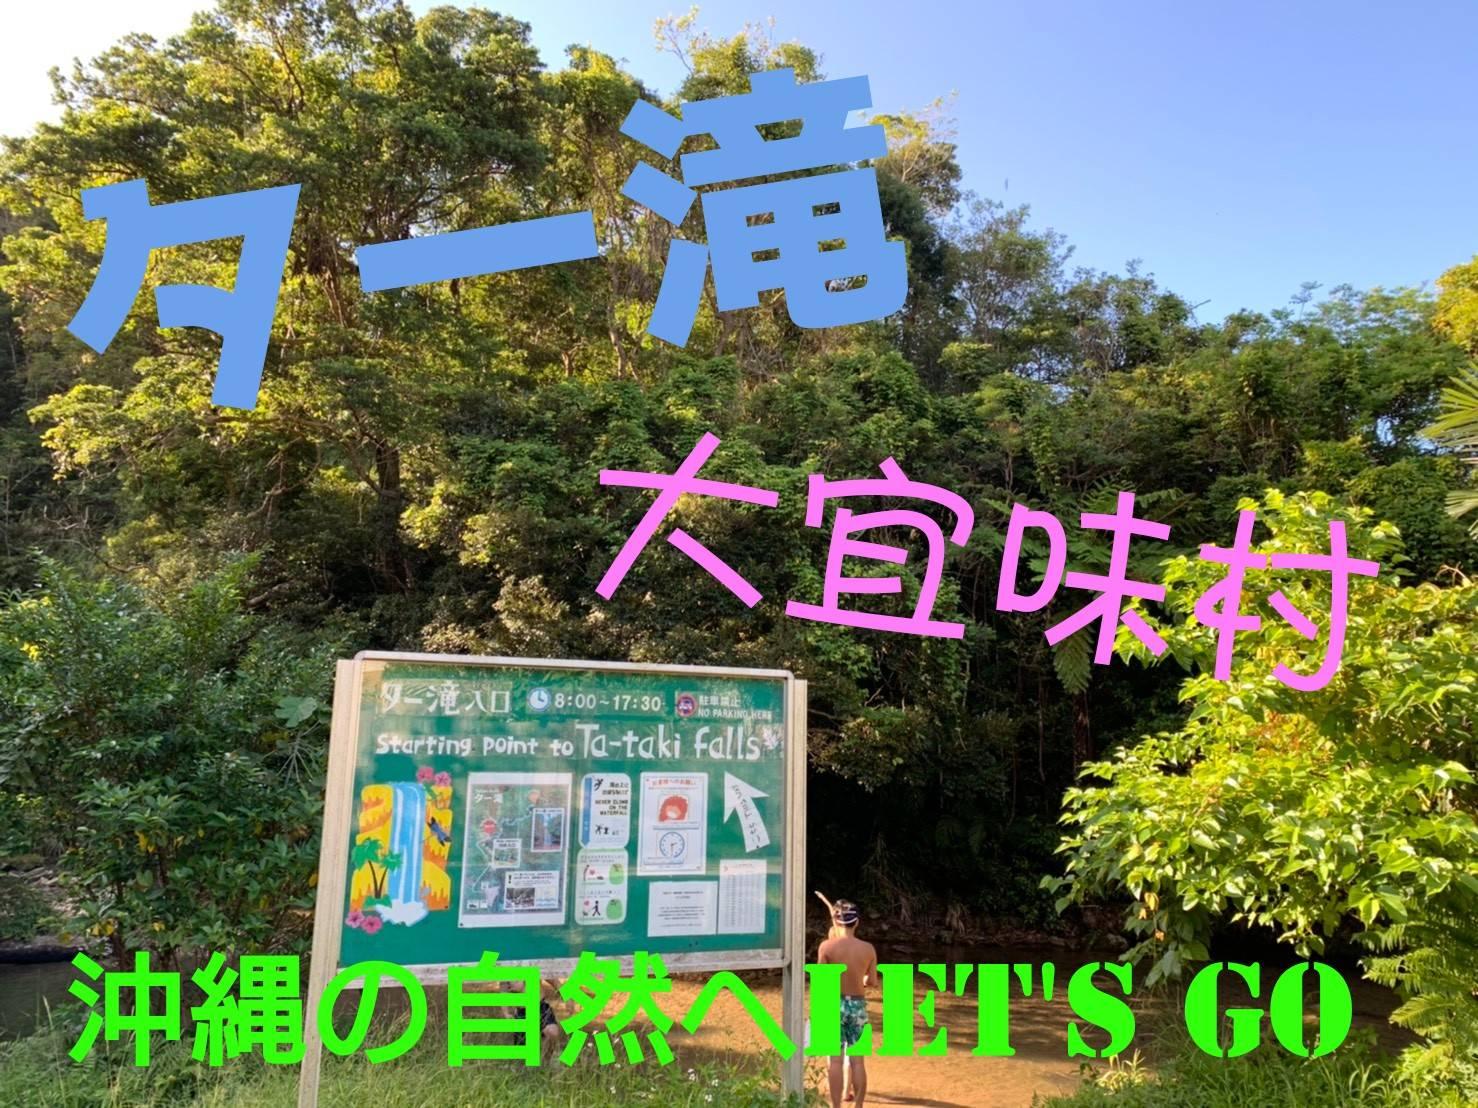 自然好き必見👀沖縄は海だけじゃない!休日満喫スポットの紹介(@ター滝)